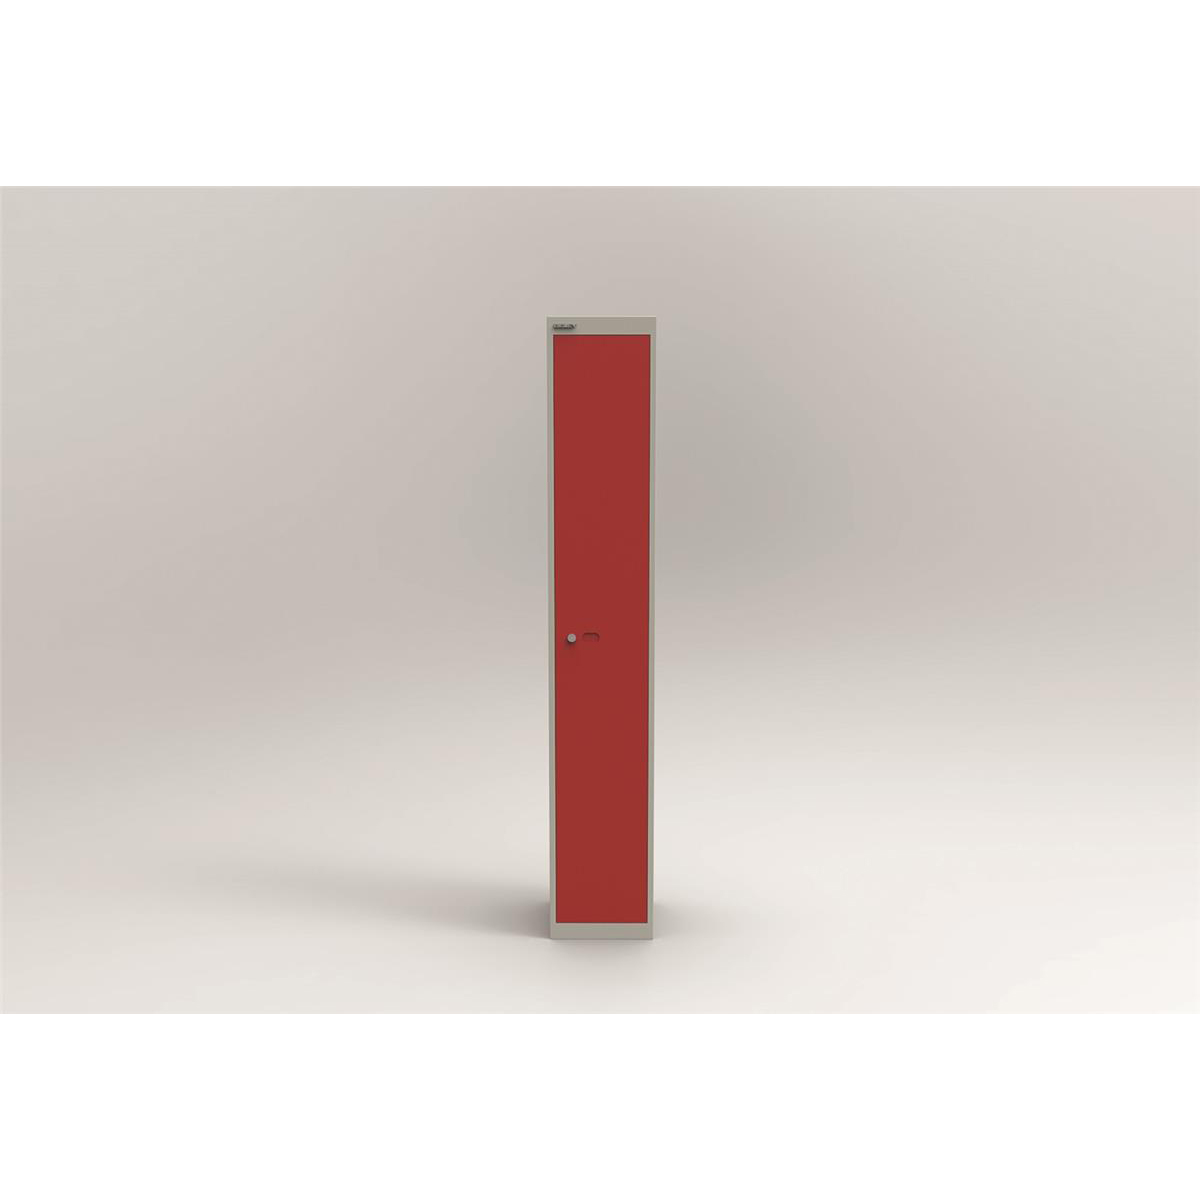 Lockers Bisley Locker 1 Door Goose Grey/Red 305d Ref CLK121-av4ay8